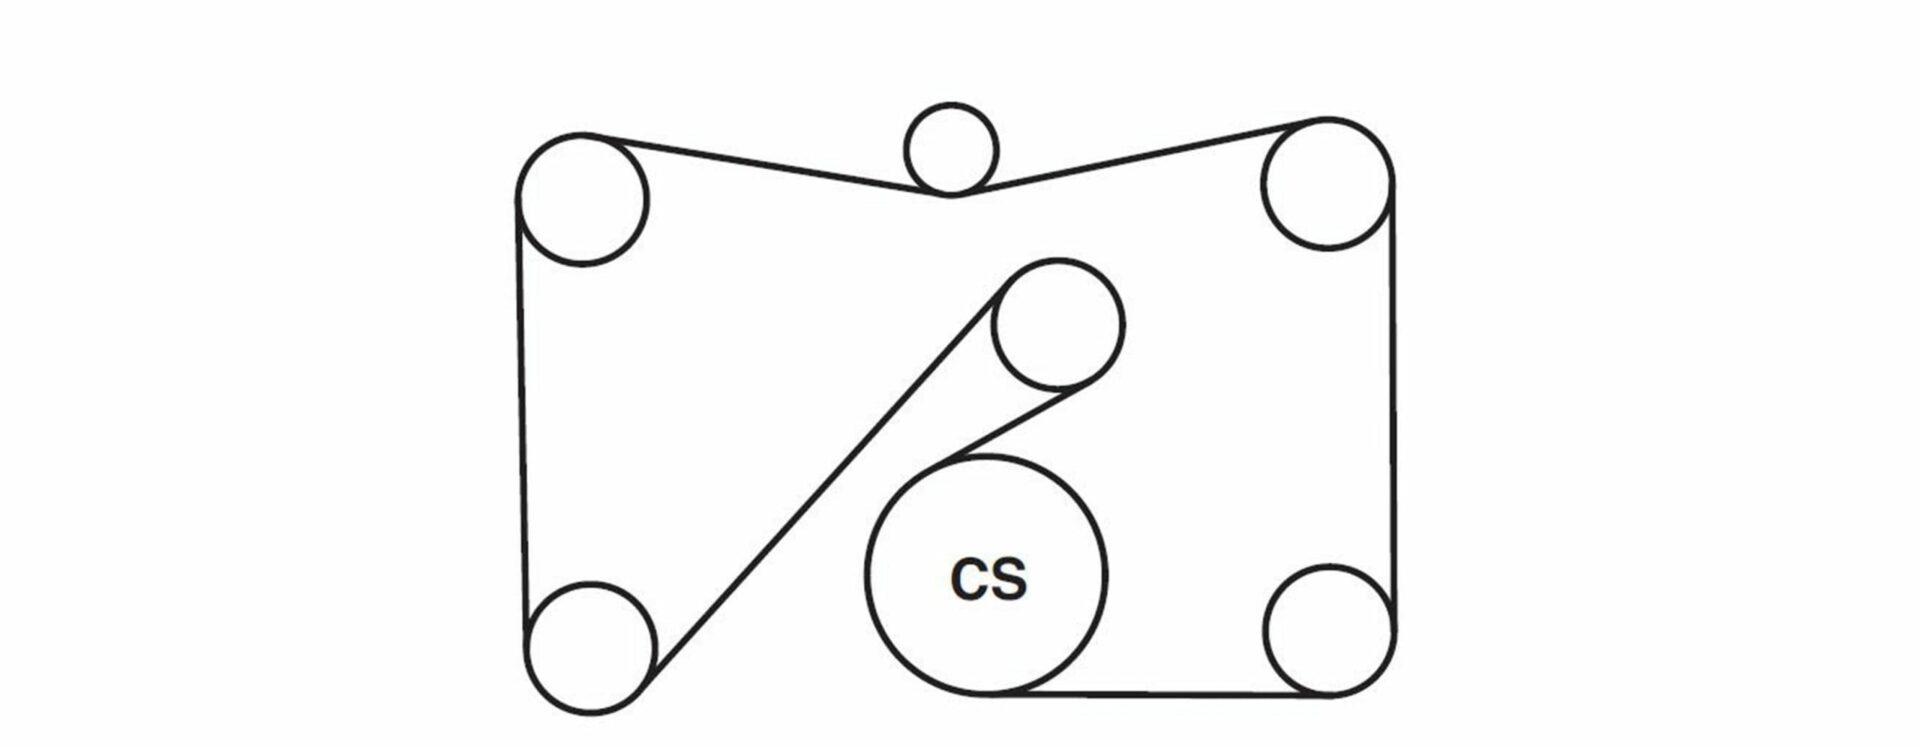 Serpentine Belt Diagrams